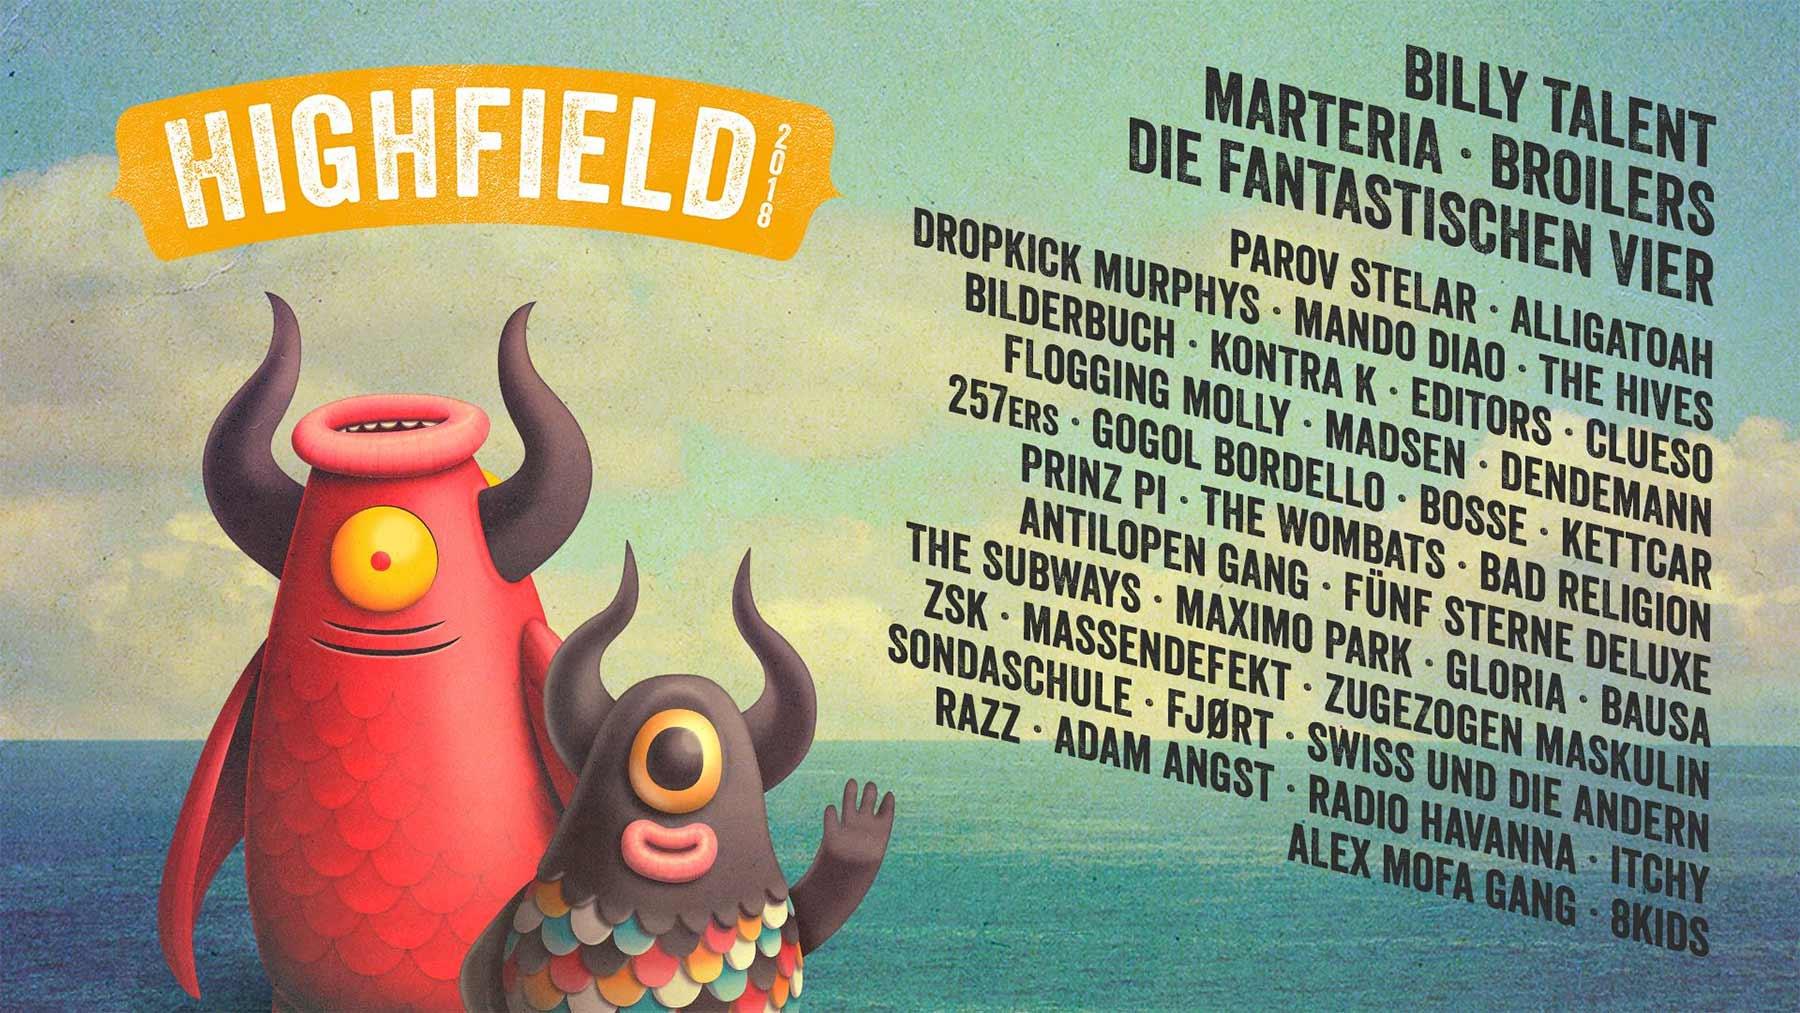 Es gibt noch (Tages)Tickets für das Highfield Festival 2018